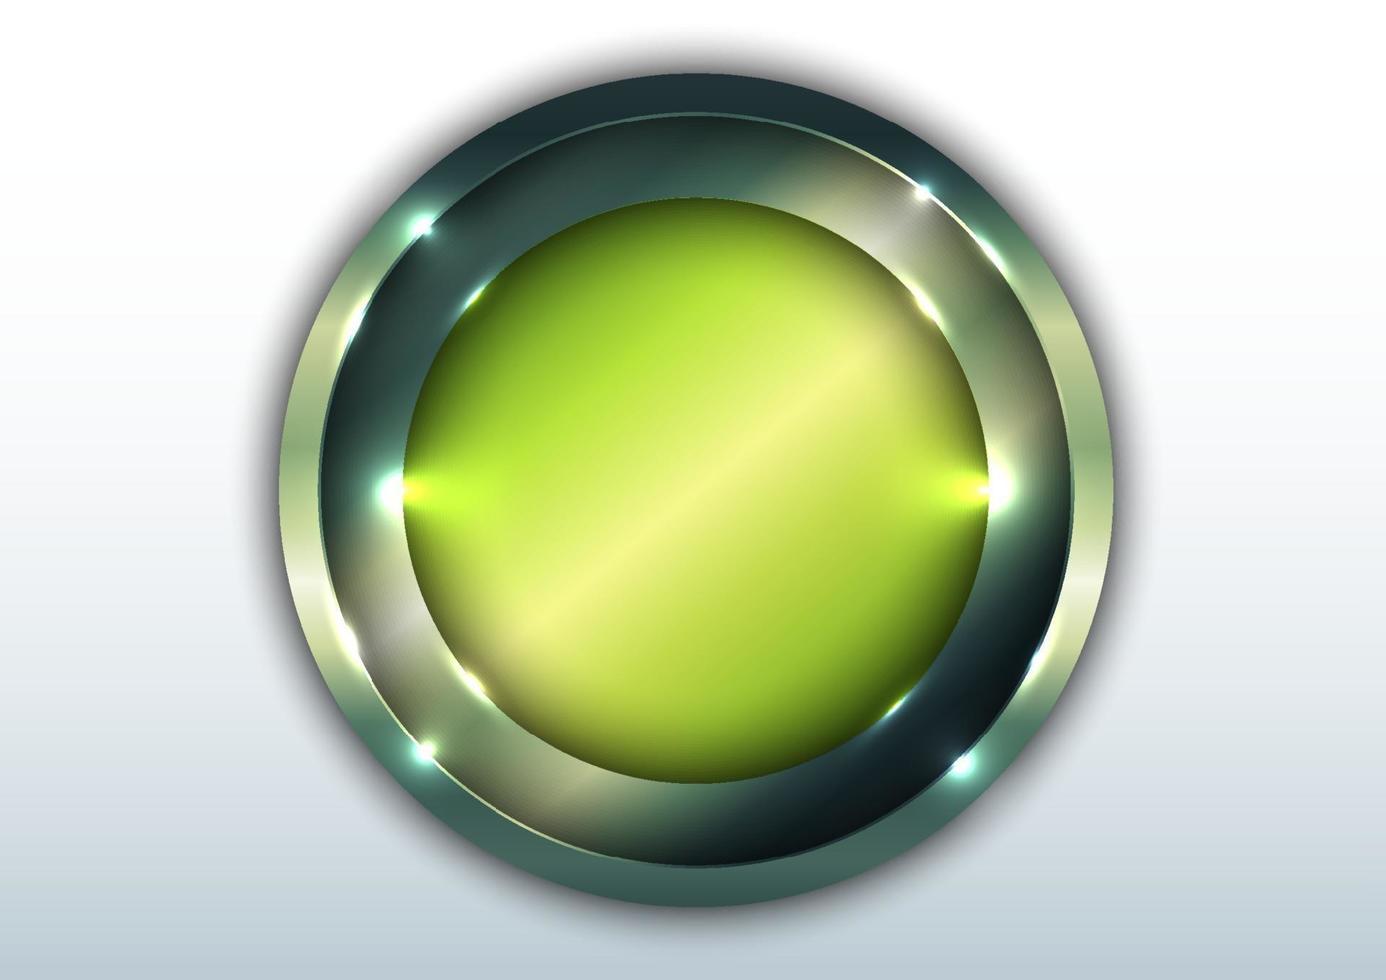 3d grön metallisk blank cirkel som överlappar varandra med belysning som isoleras på bakgrund för vitt utrymme. vektor